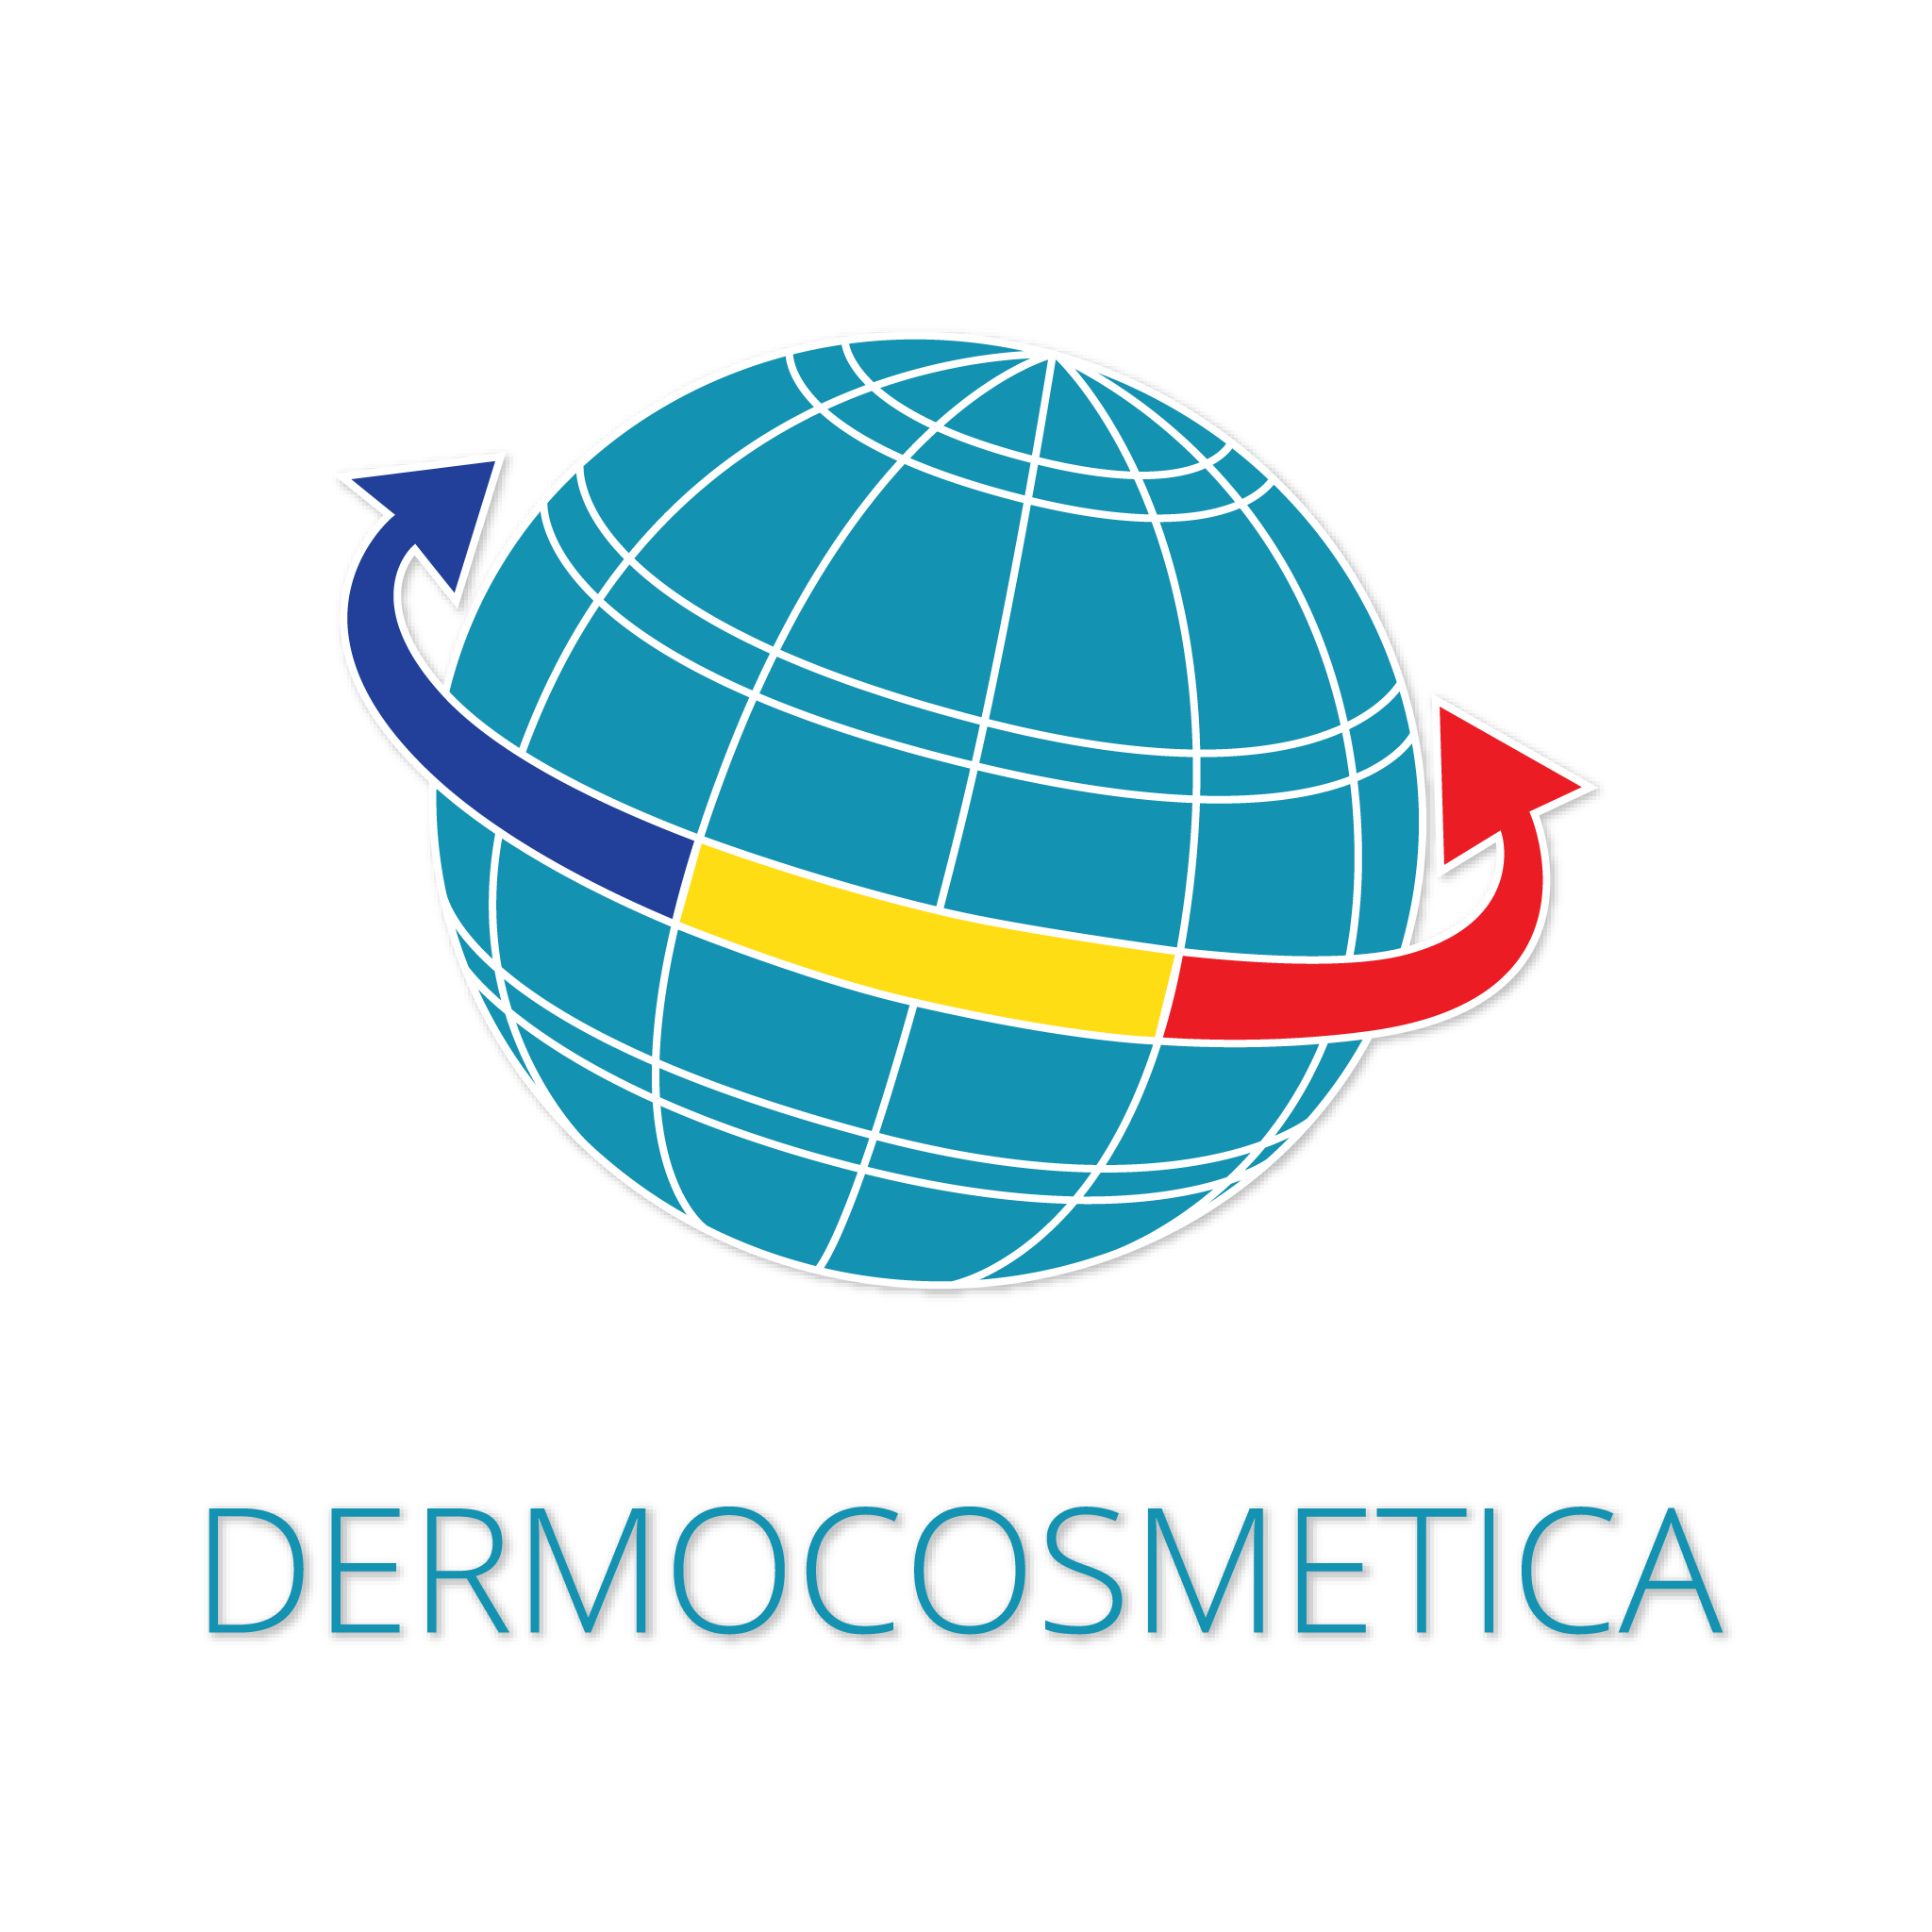 Dermocosmetica